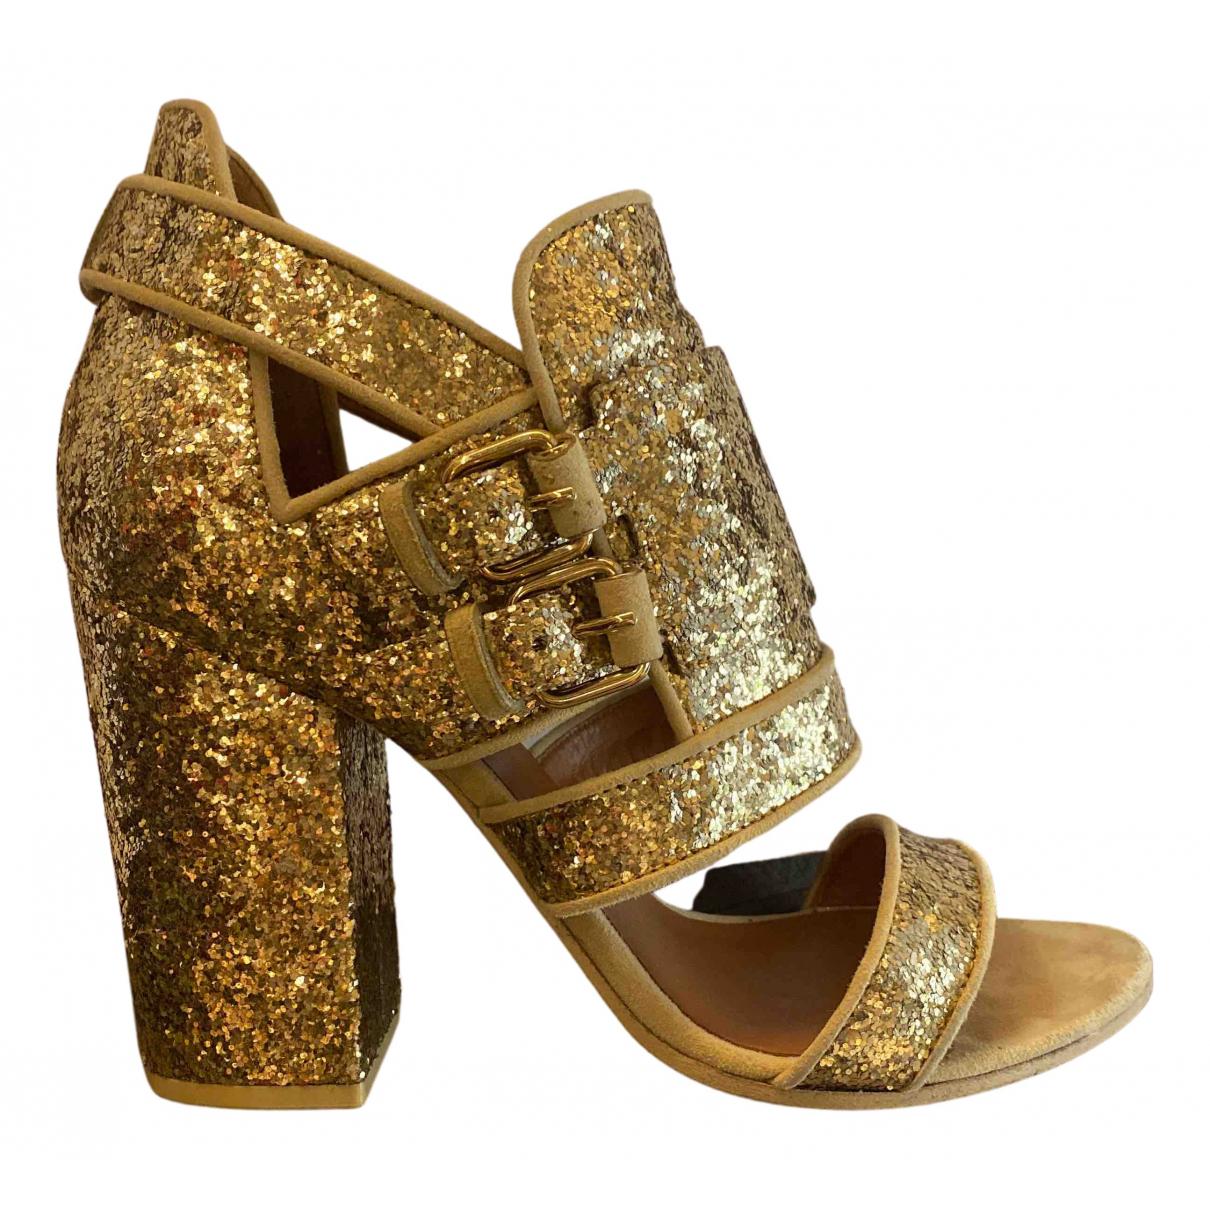 Givenchy - Sandales   pour femme en a paillettes - dore